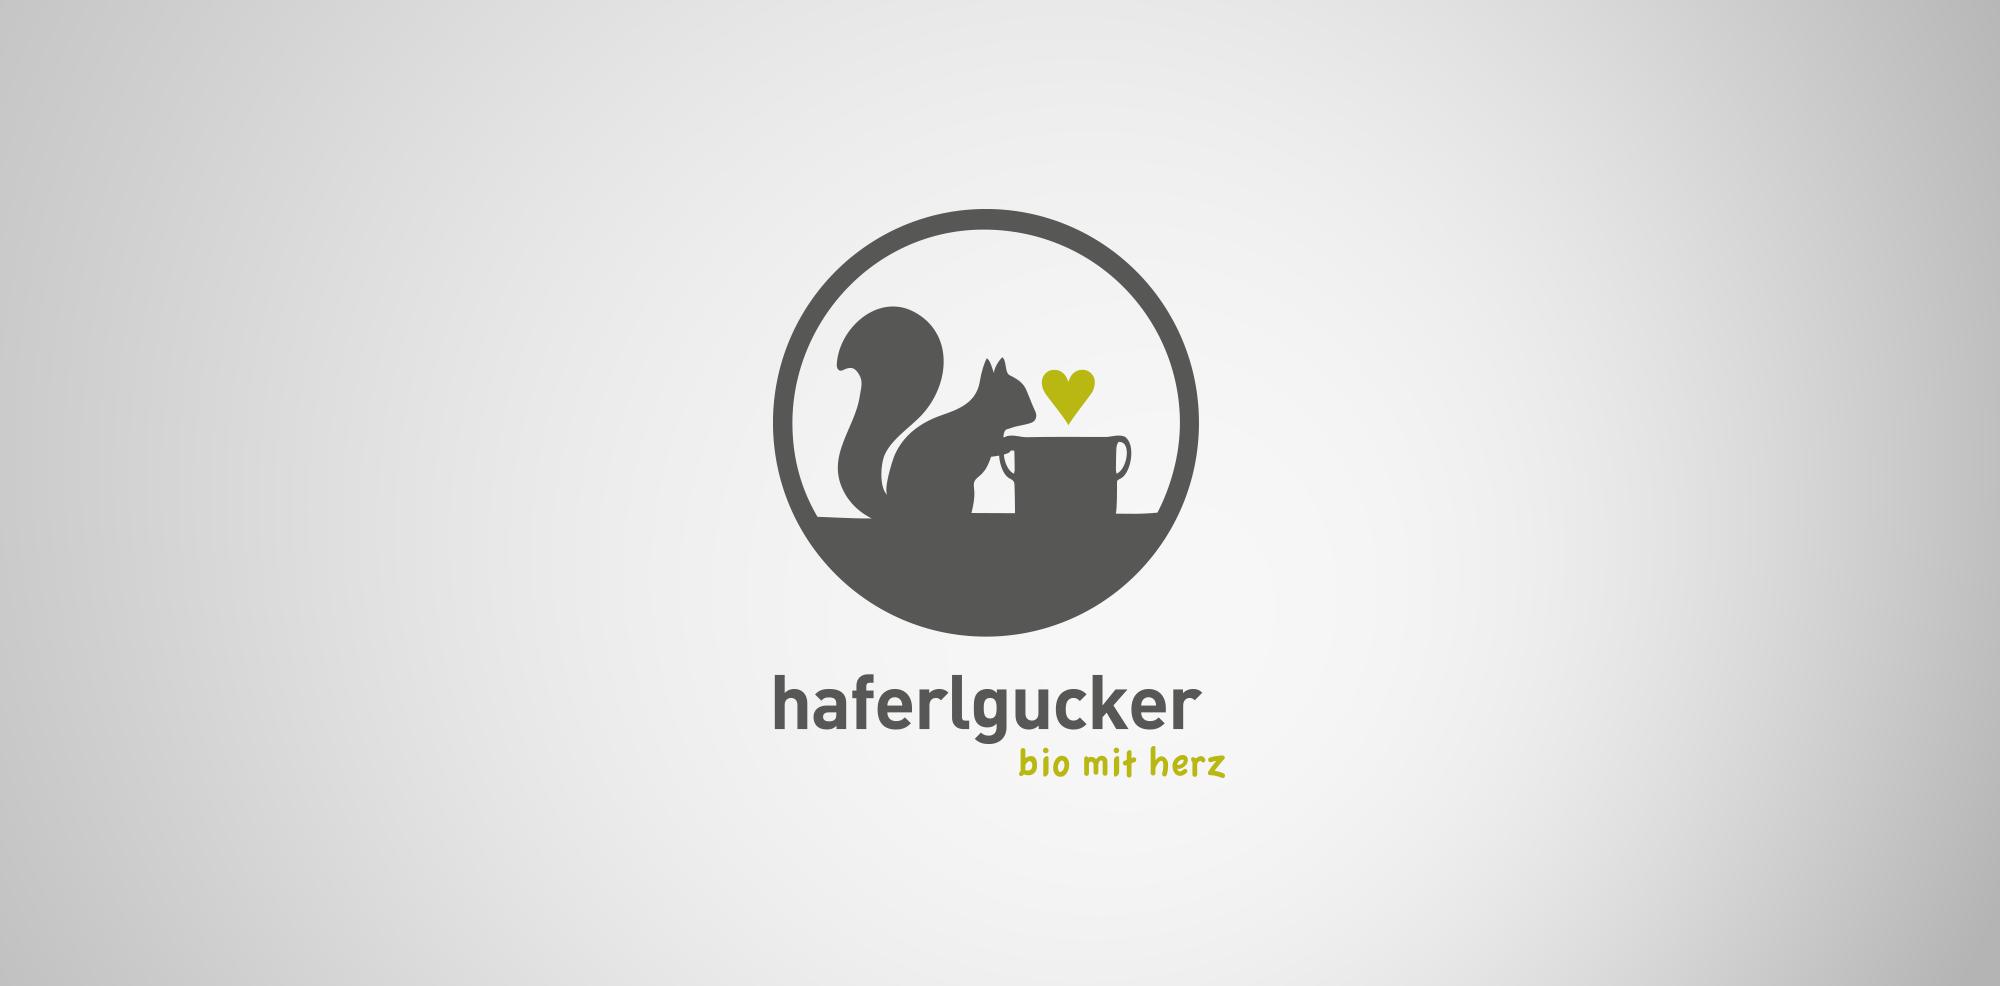 """Logo """"haferlgucker"""" für die Lebensmittelbranche: Scherenschnitt Eichhörnchen sitzt vor Tasse"""